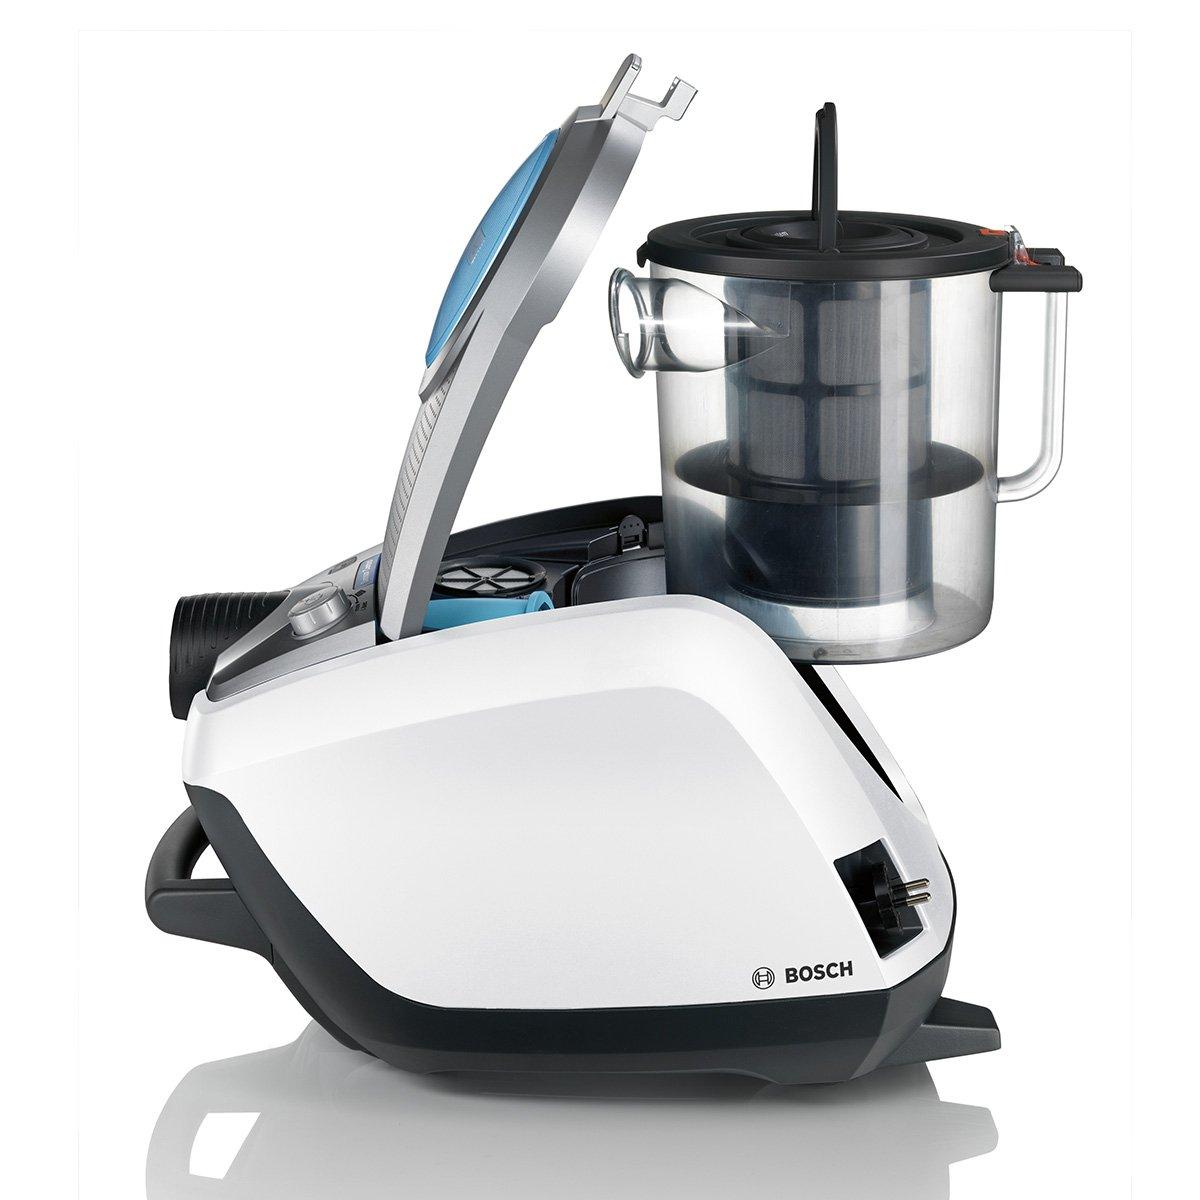 700 W, 28 kWh, 220-240 V, 50 Hz, Aspiradora cil/índrica, Sin bolsa Bosch BGS5331 Aspiradora